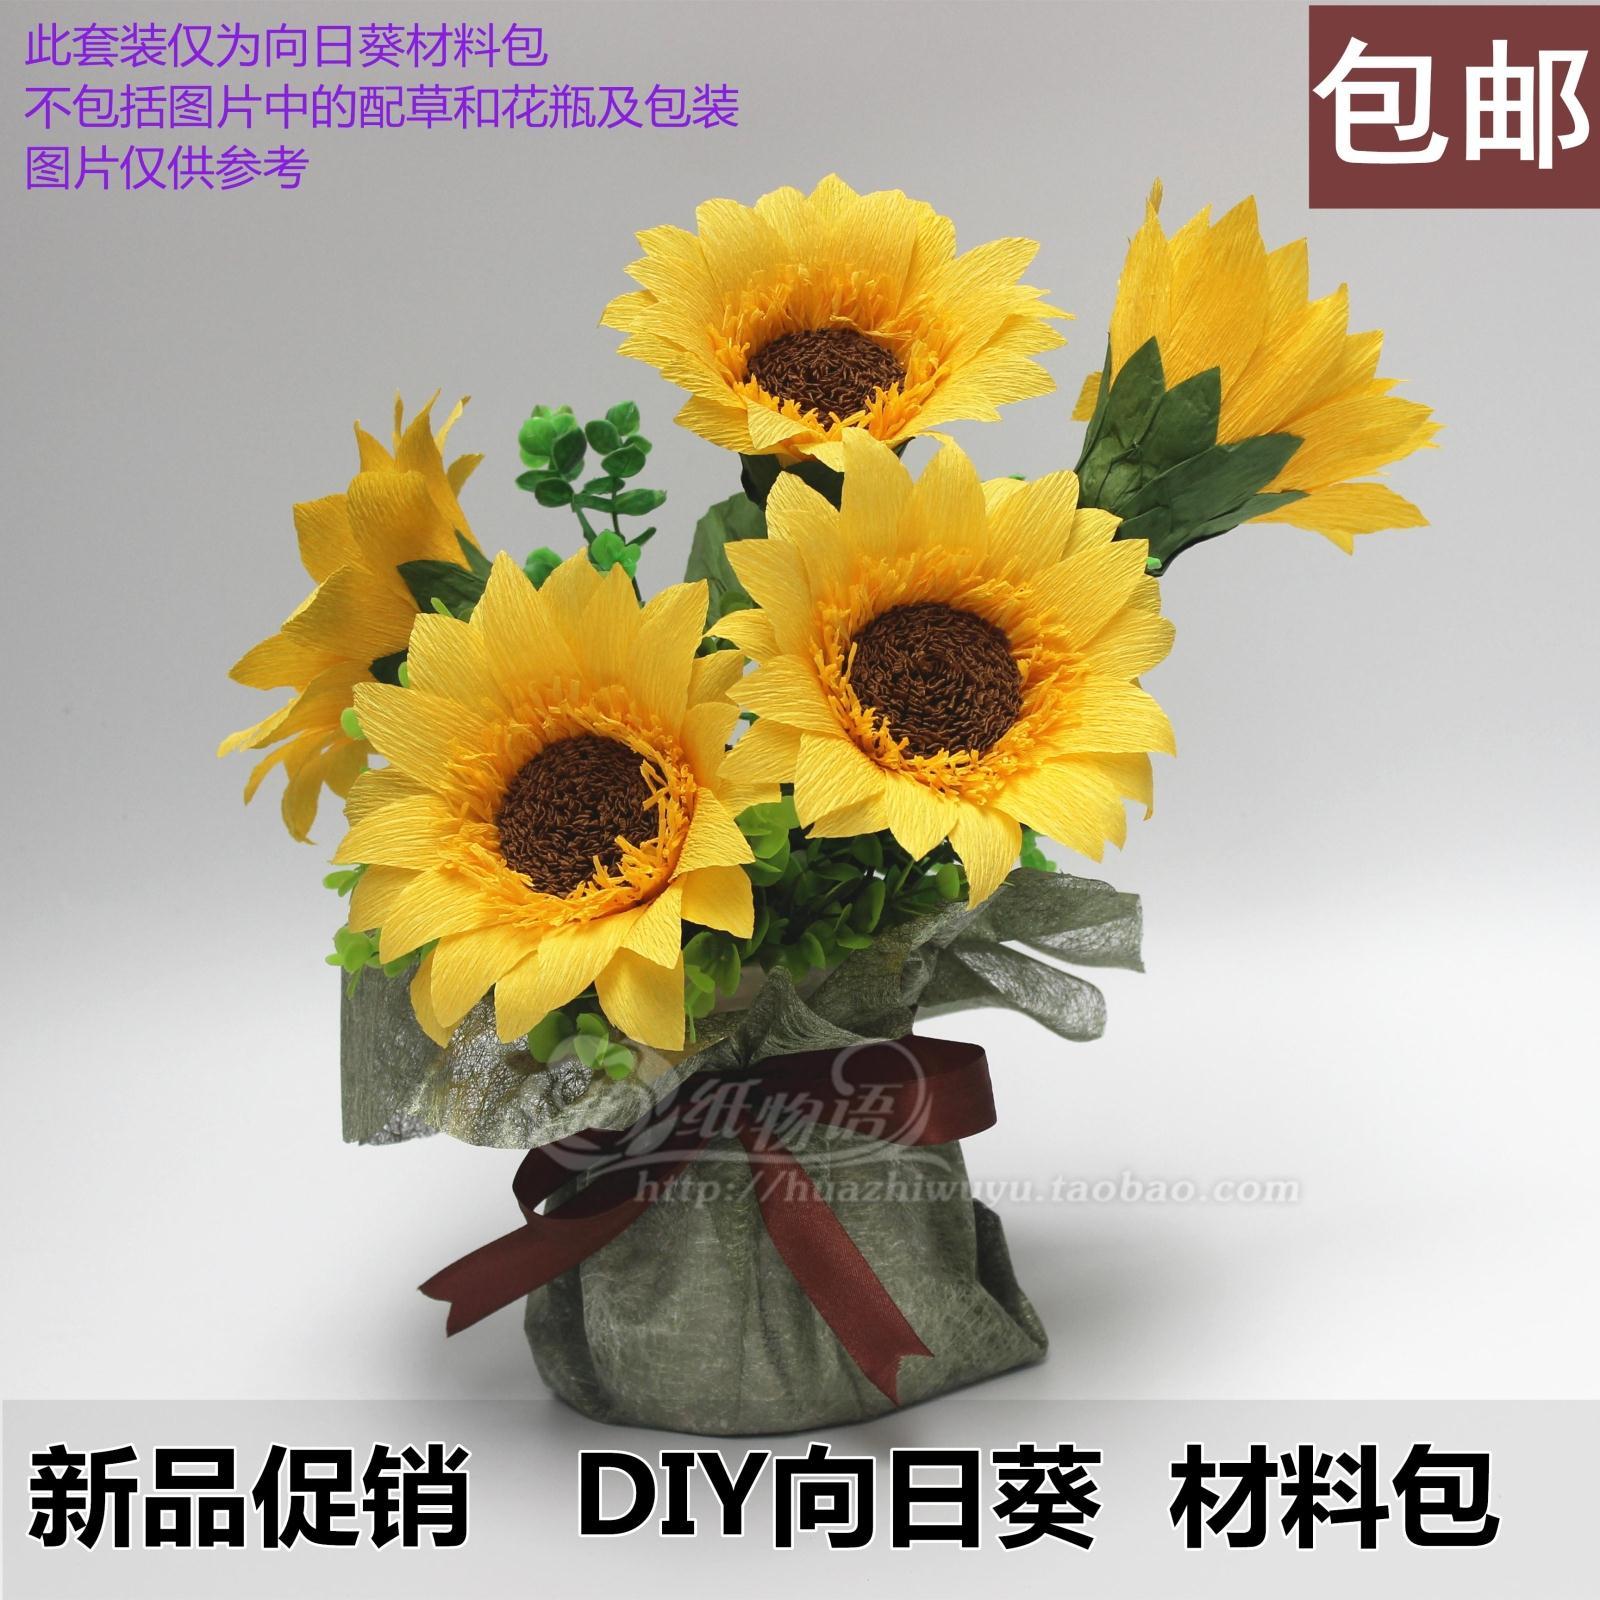 皱纸向日葵材料包 套装 太阳花 纸花 DIY皱纹纸花材料 10支/套